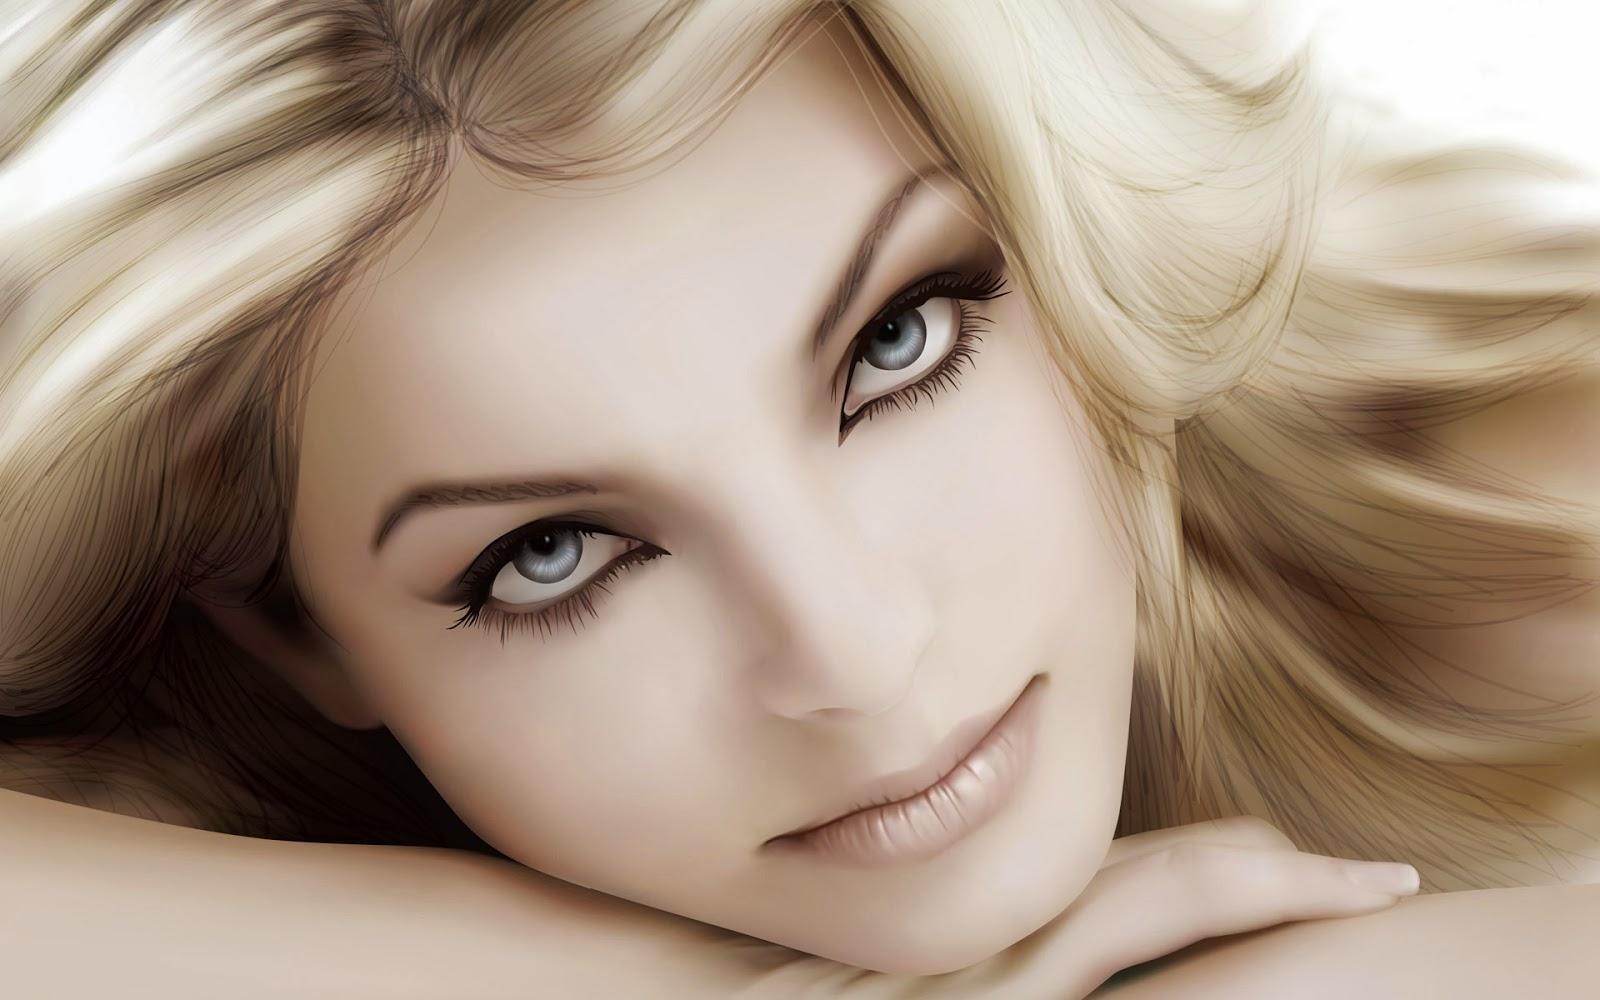 صور اجمل صور بنت , مجموعه متميزة ومتنوعه من صور البنات الجميله